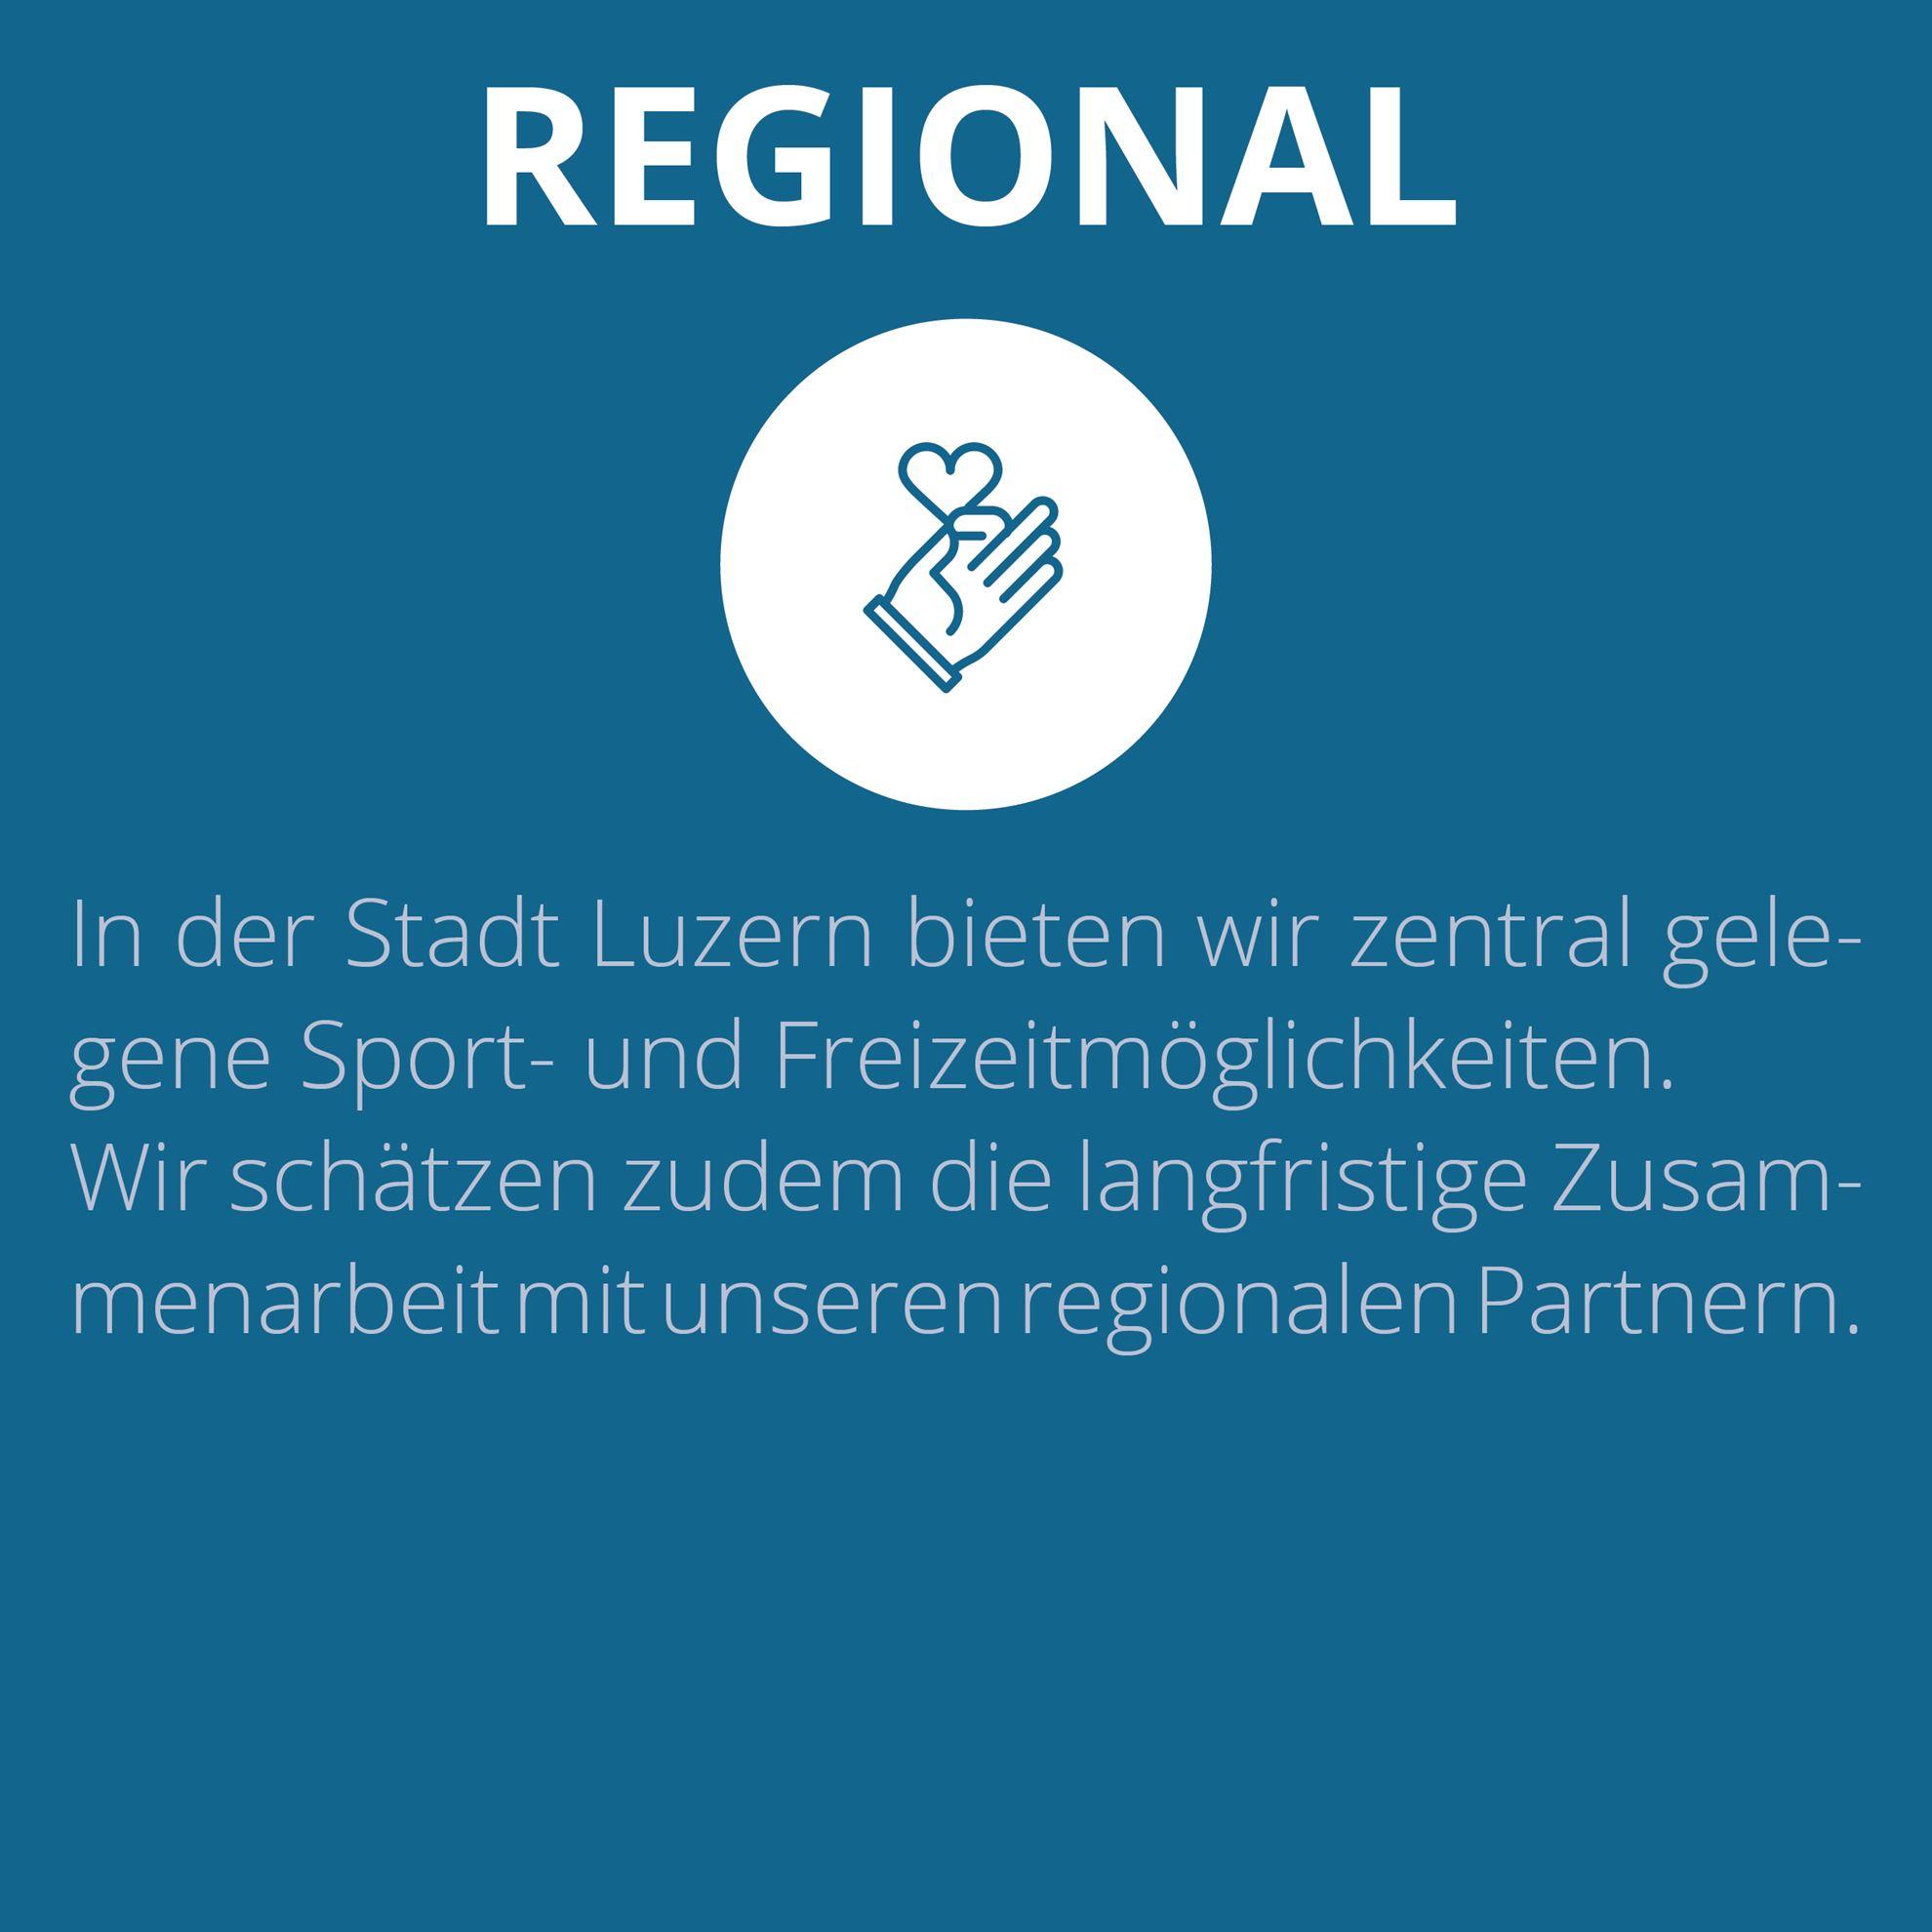 Wert_Regional